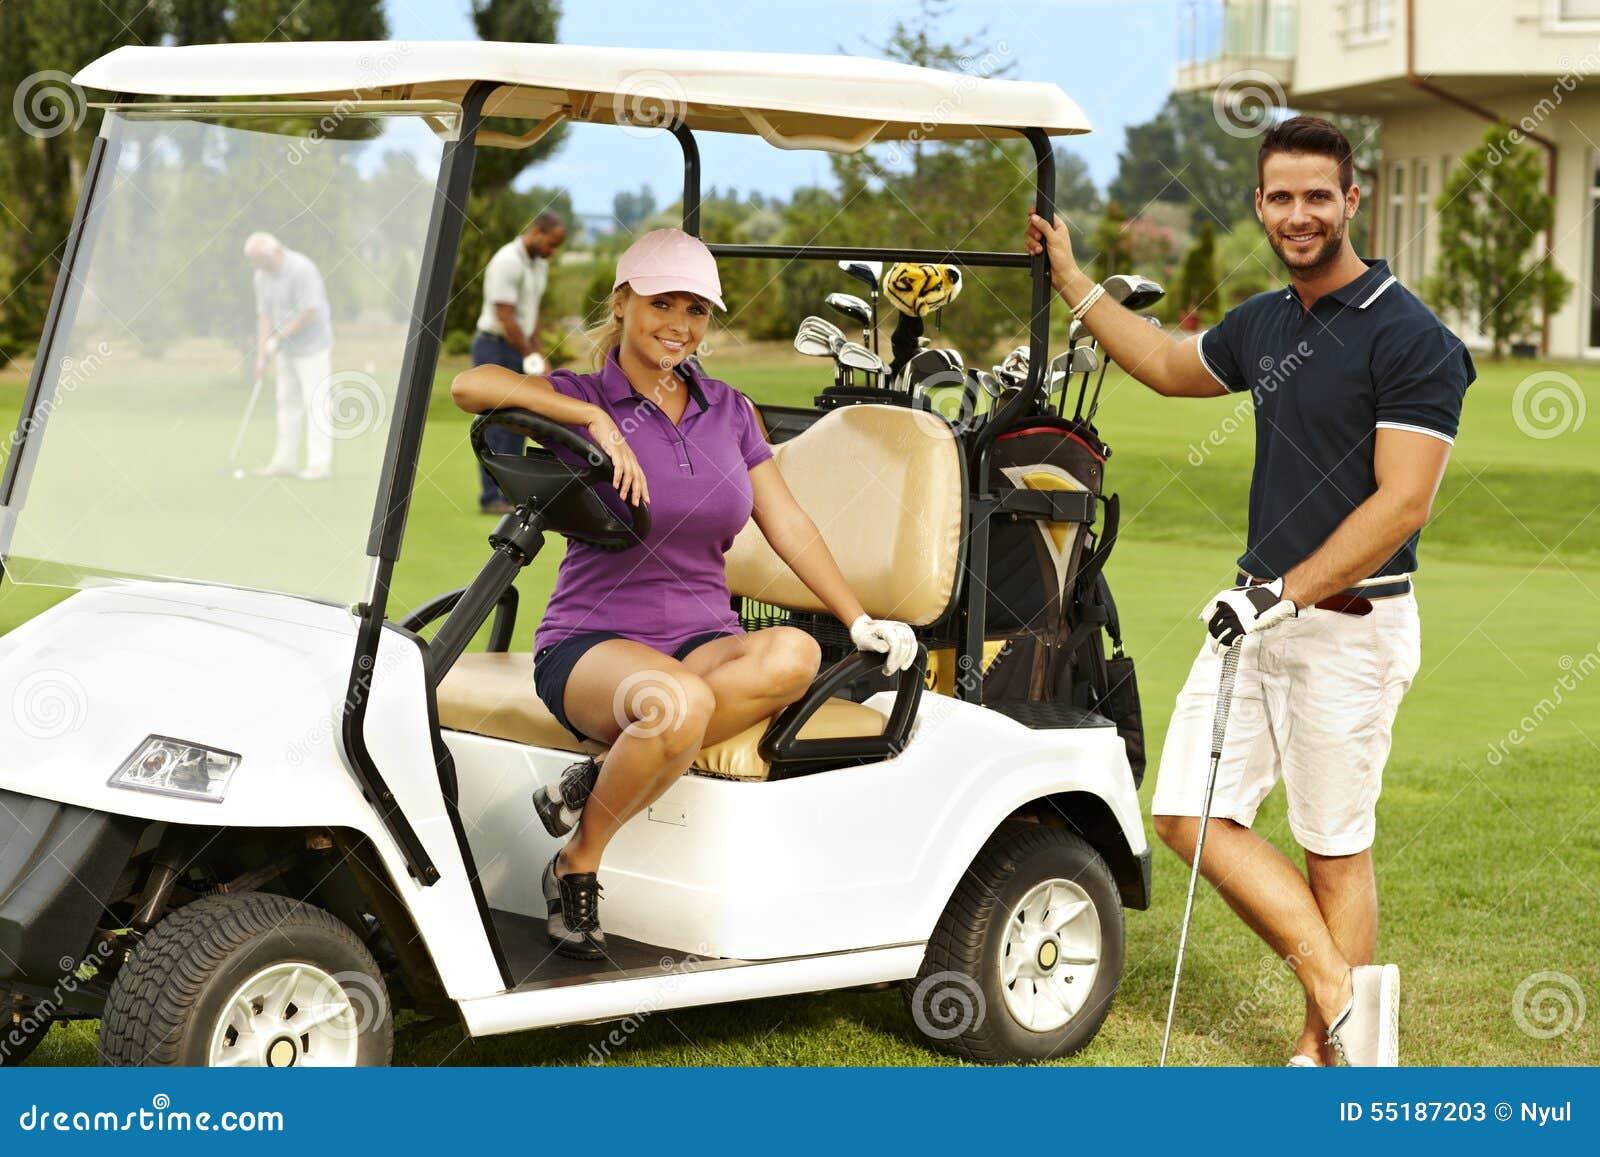 Szczęśliwi golfiści i golfowa fura